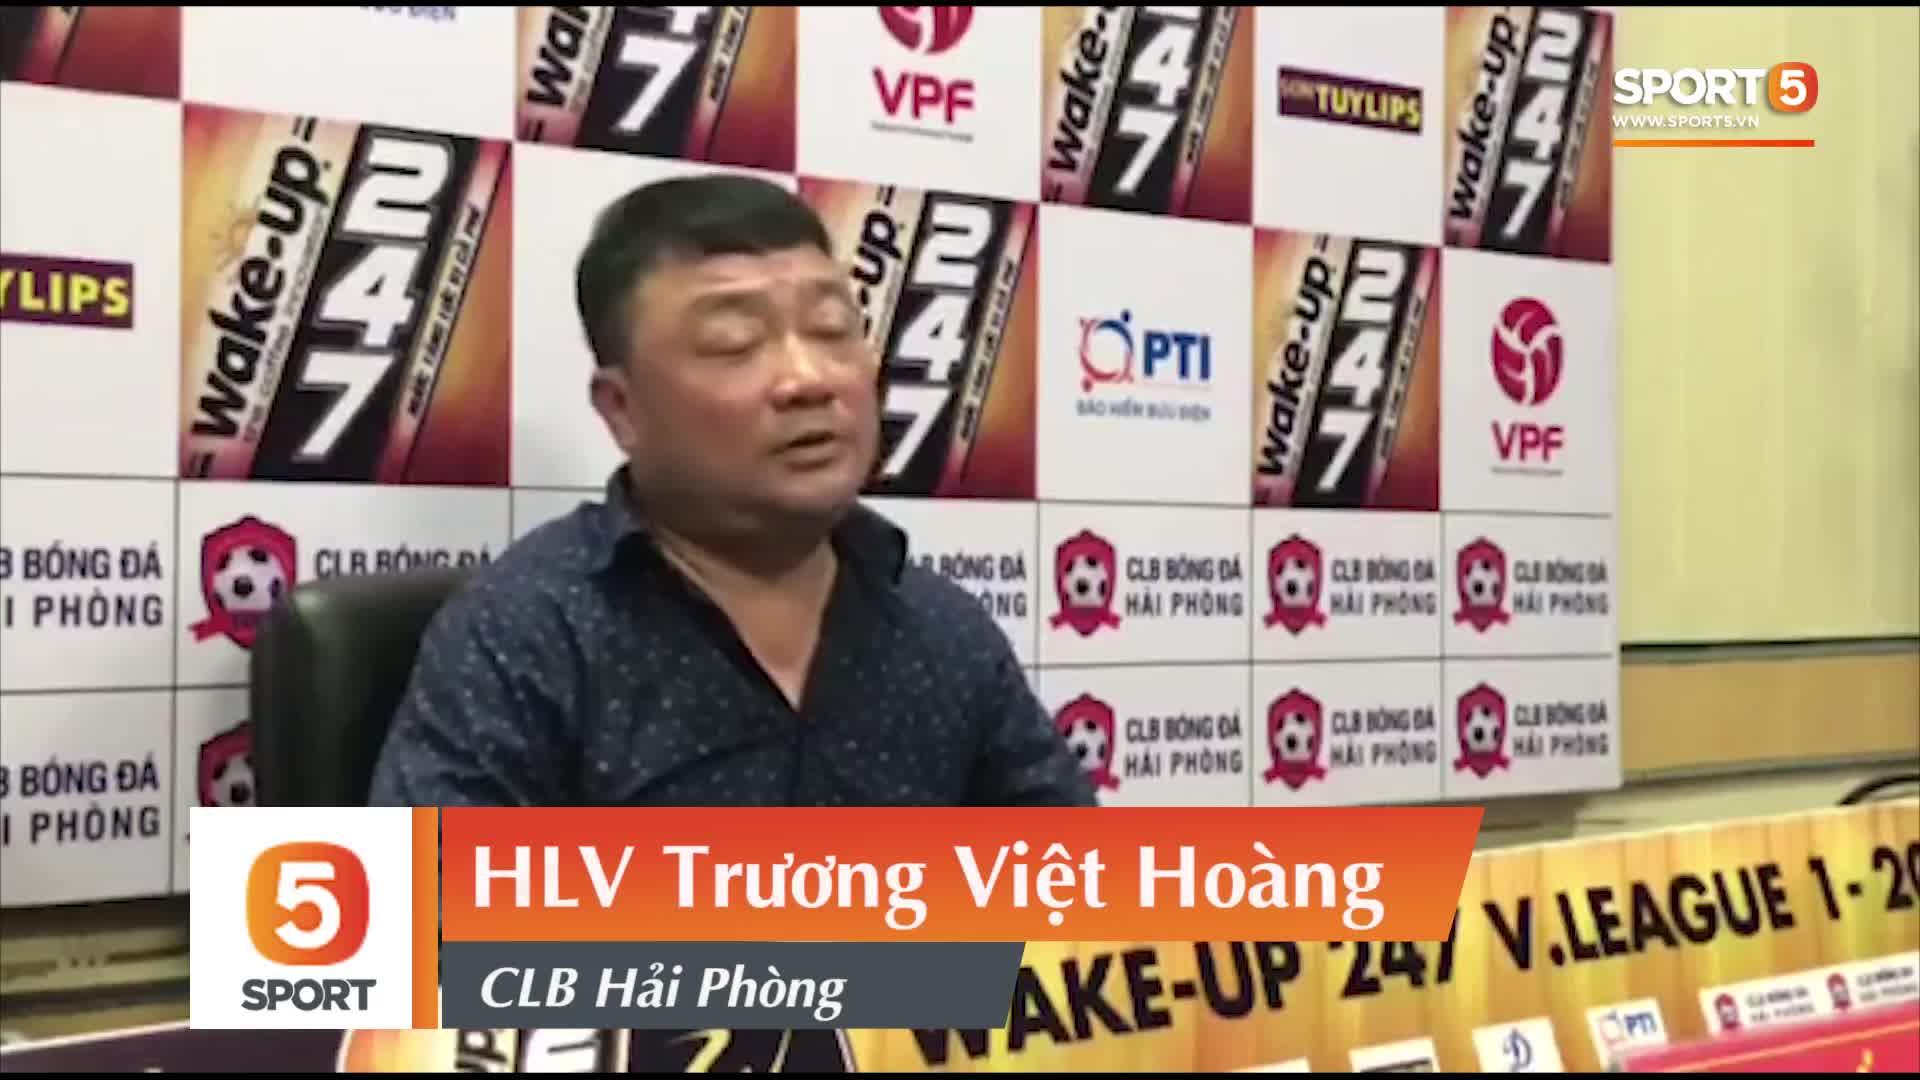 Trương Việt Hoàng biện minh về cách chơi của cầu thủ Hải Phòng